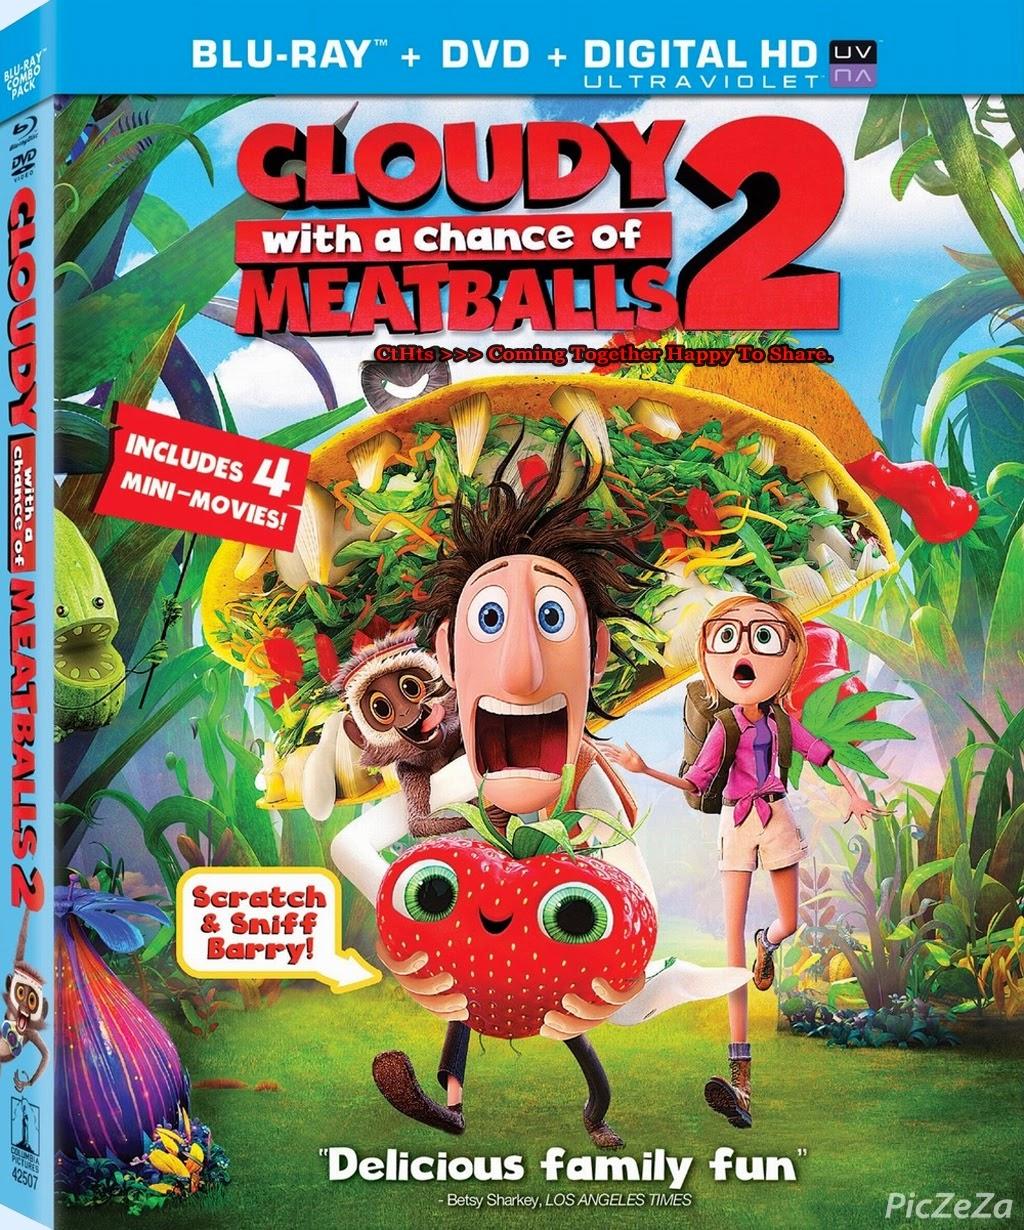 ดูการ์ตูน มหัศจรรย์ของกินดิ้นได้ Cloudy with a Chance of Meatballs 2